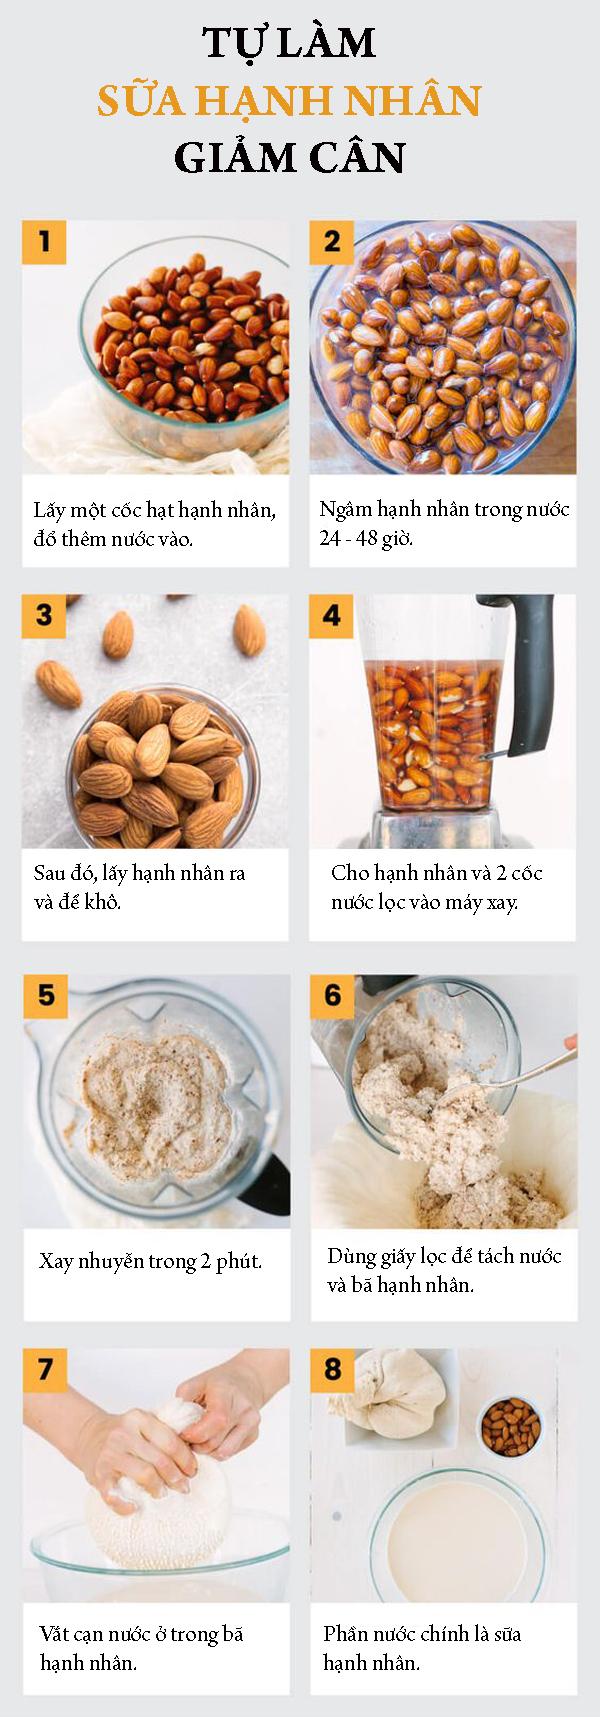 Tự làm sữa hạnh nhân hỗ trợ giảm cân